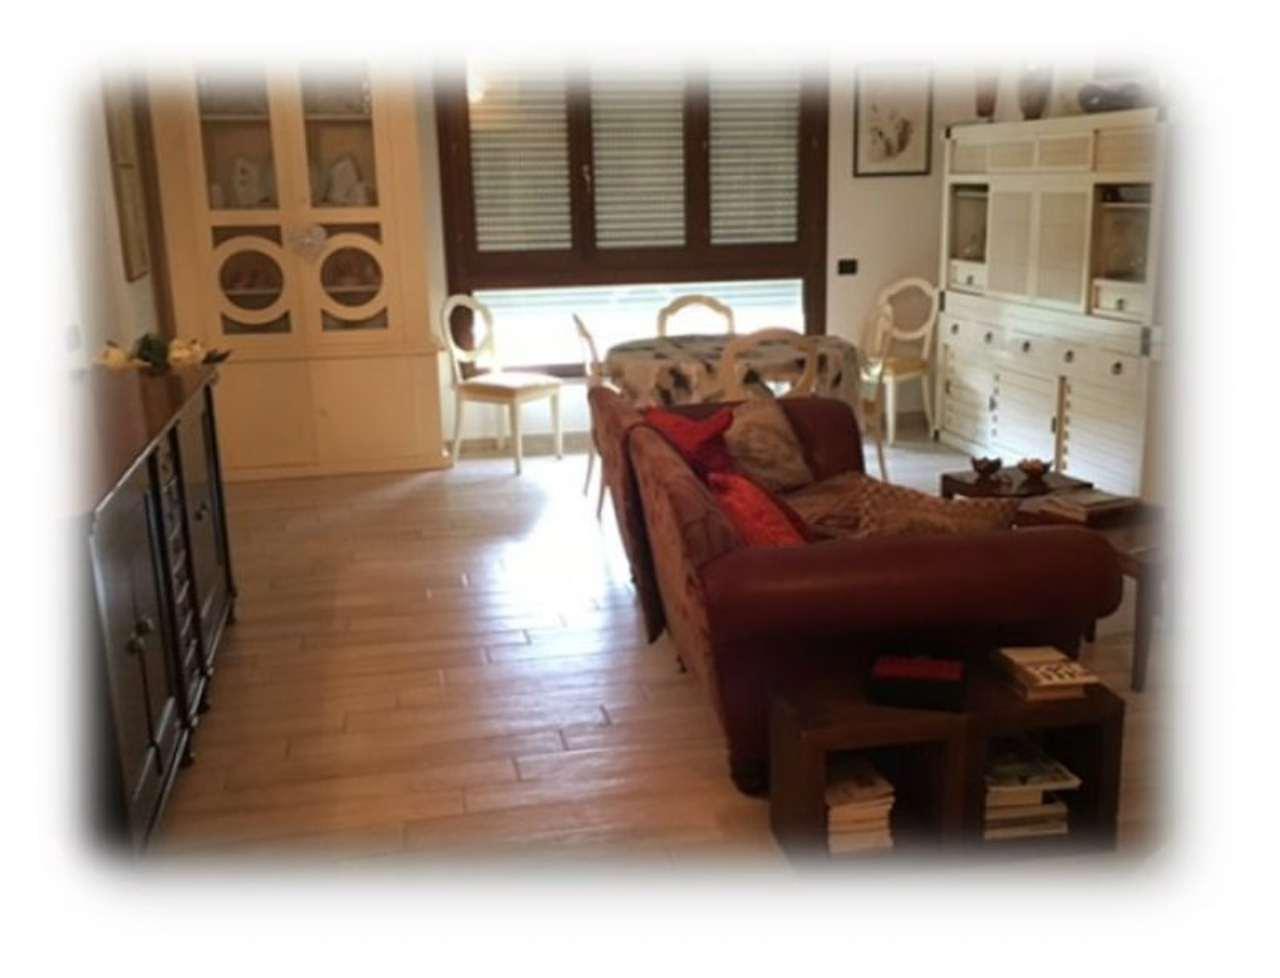 Attico / Mansarda in vendita a Reggio Emilia, 4 locali, prezzo € 360.000 | Cambio Casa.it